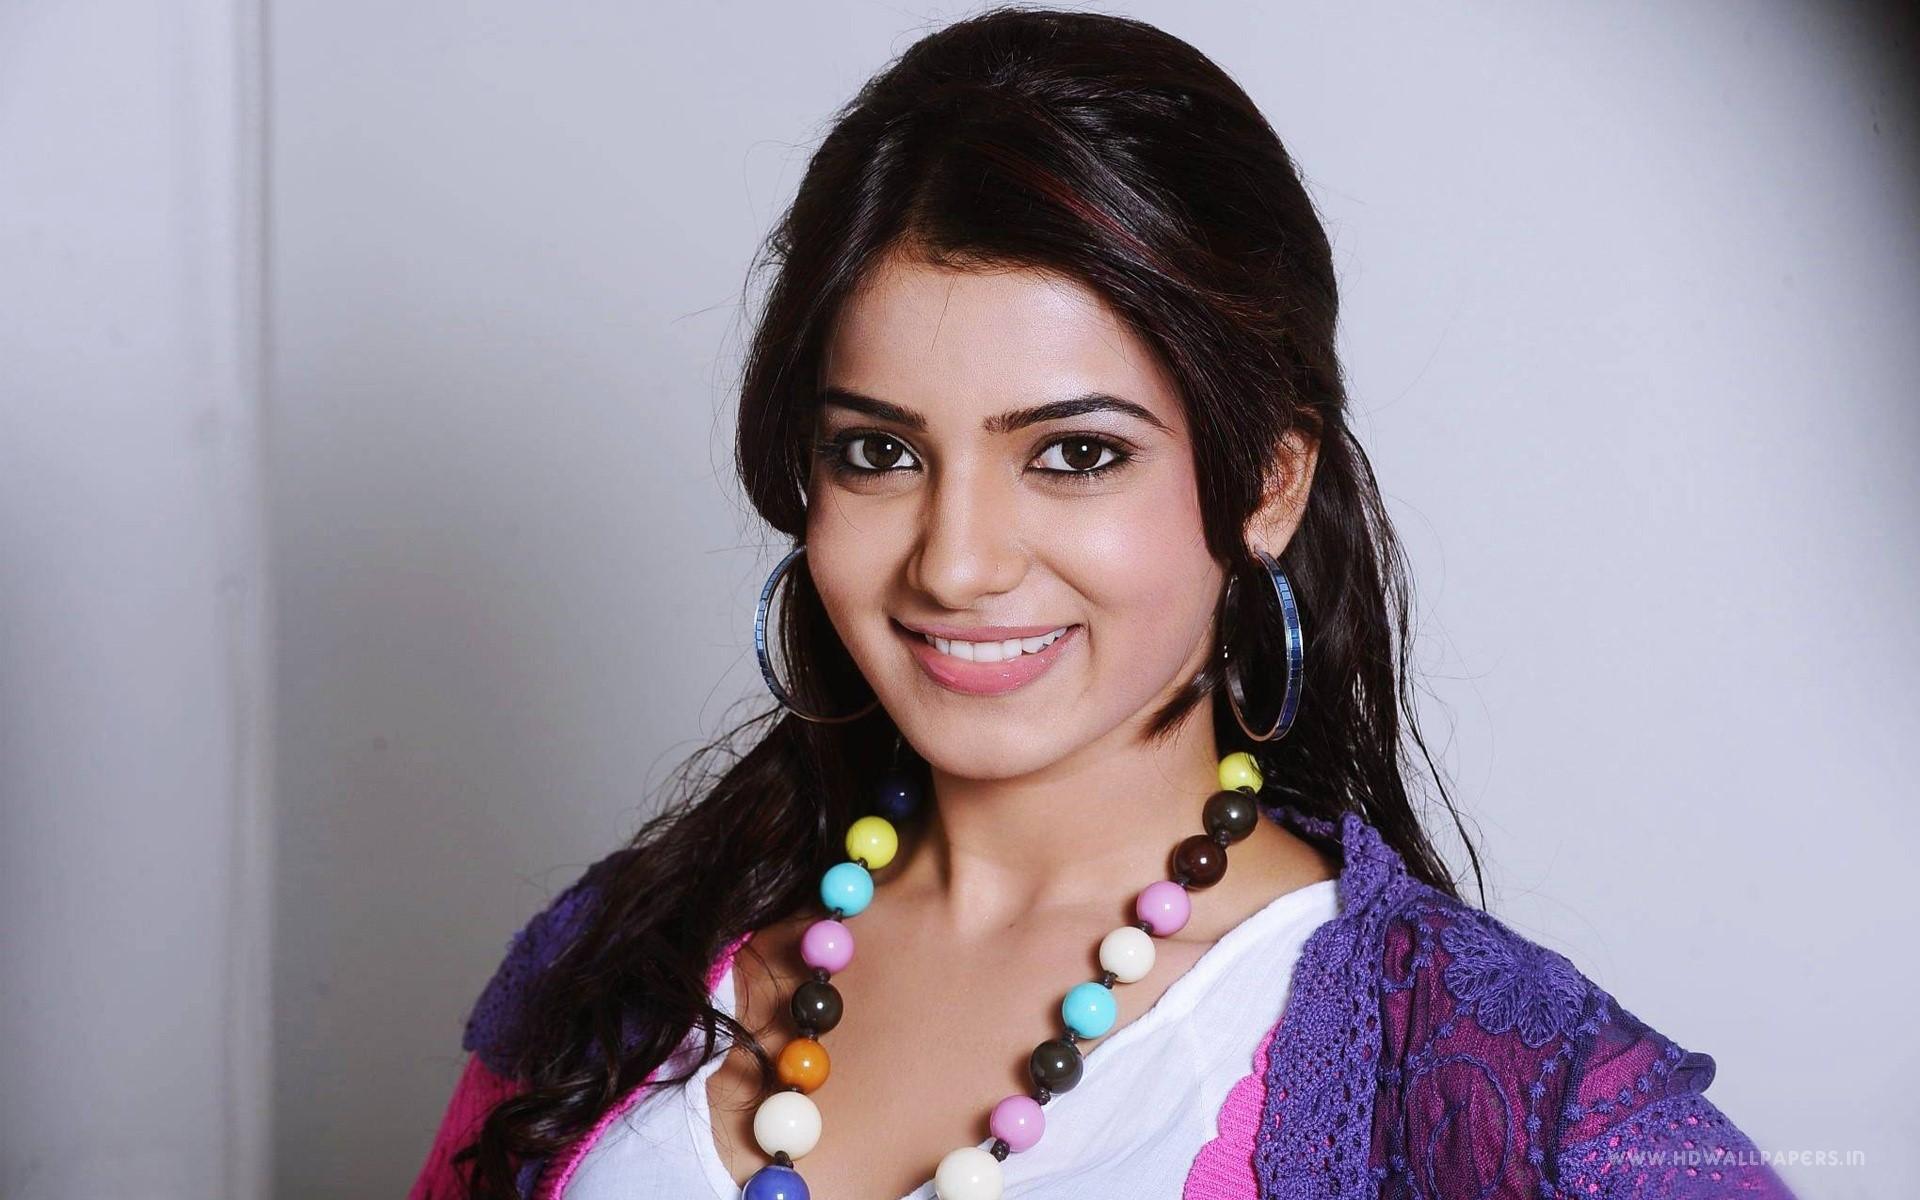 Fondo de pantalla de Actriz Samantha Ruth Prabhu Imágenes